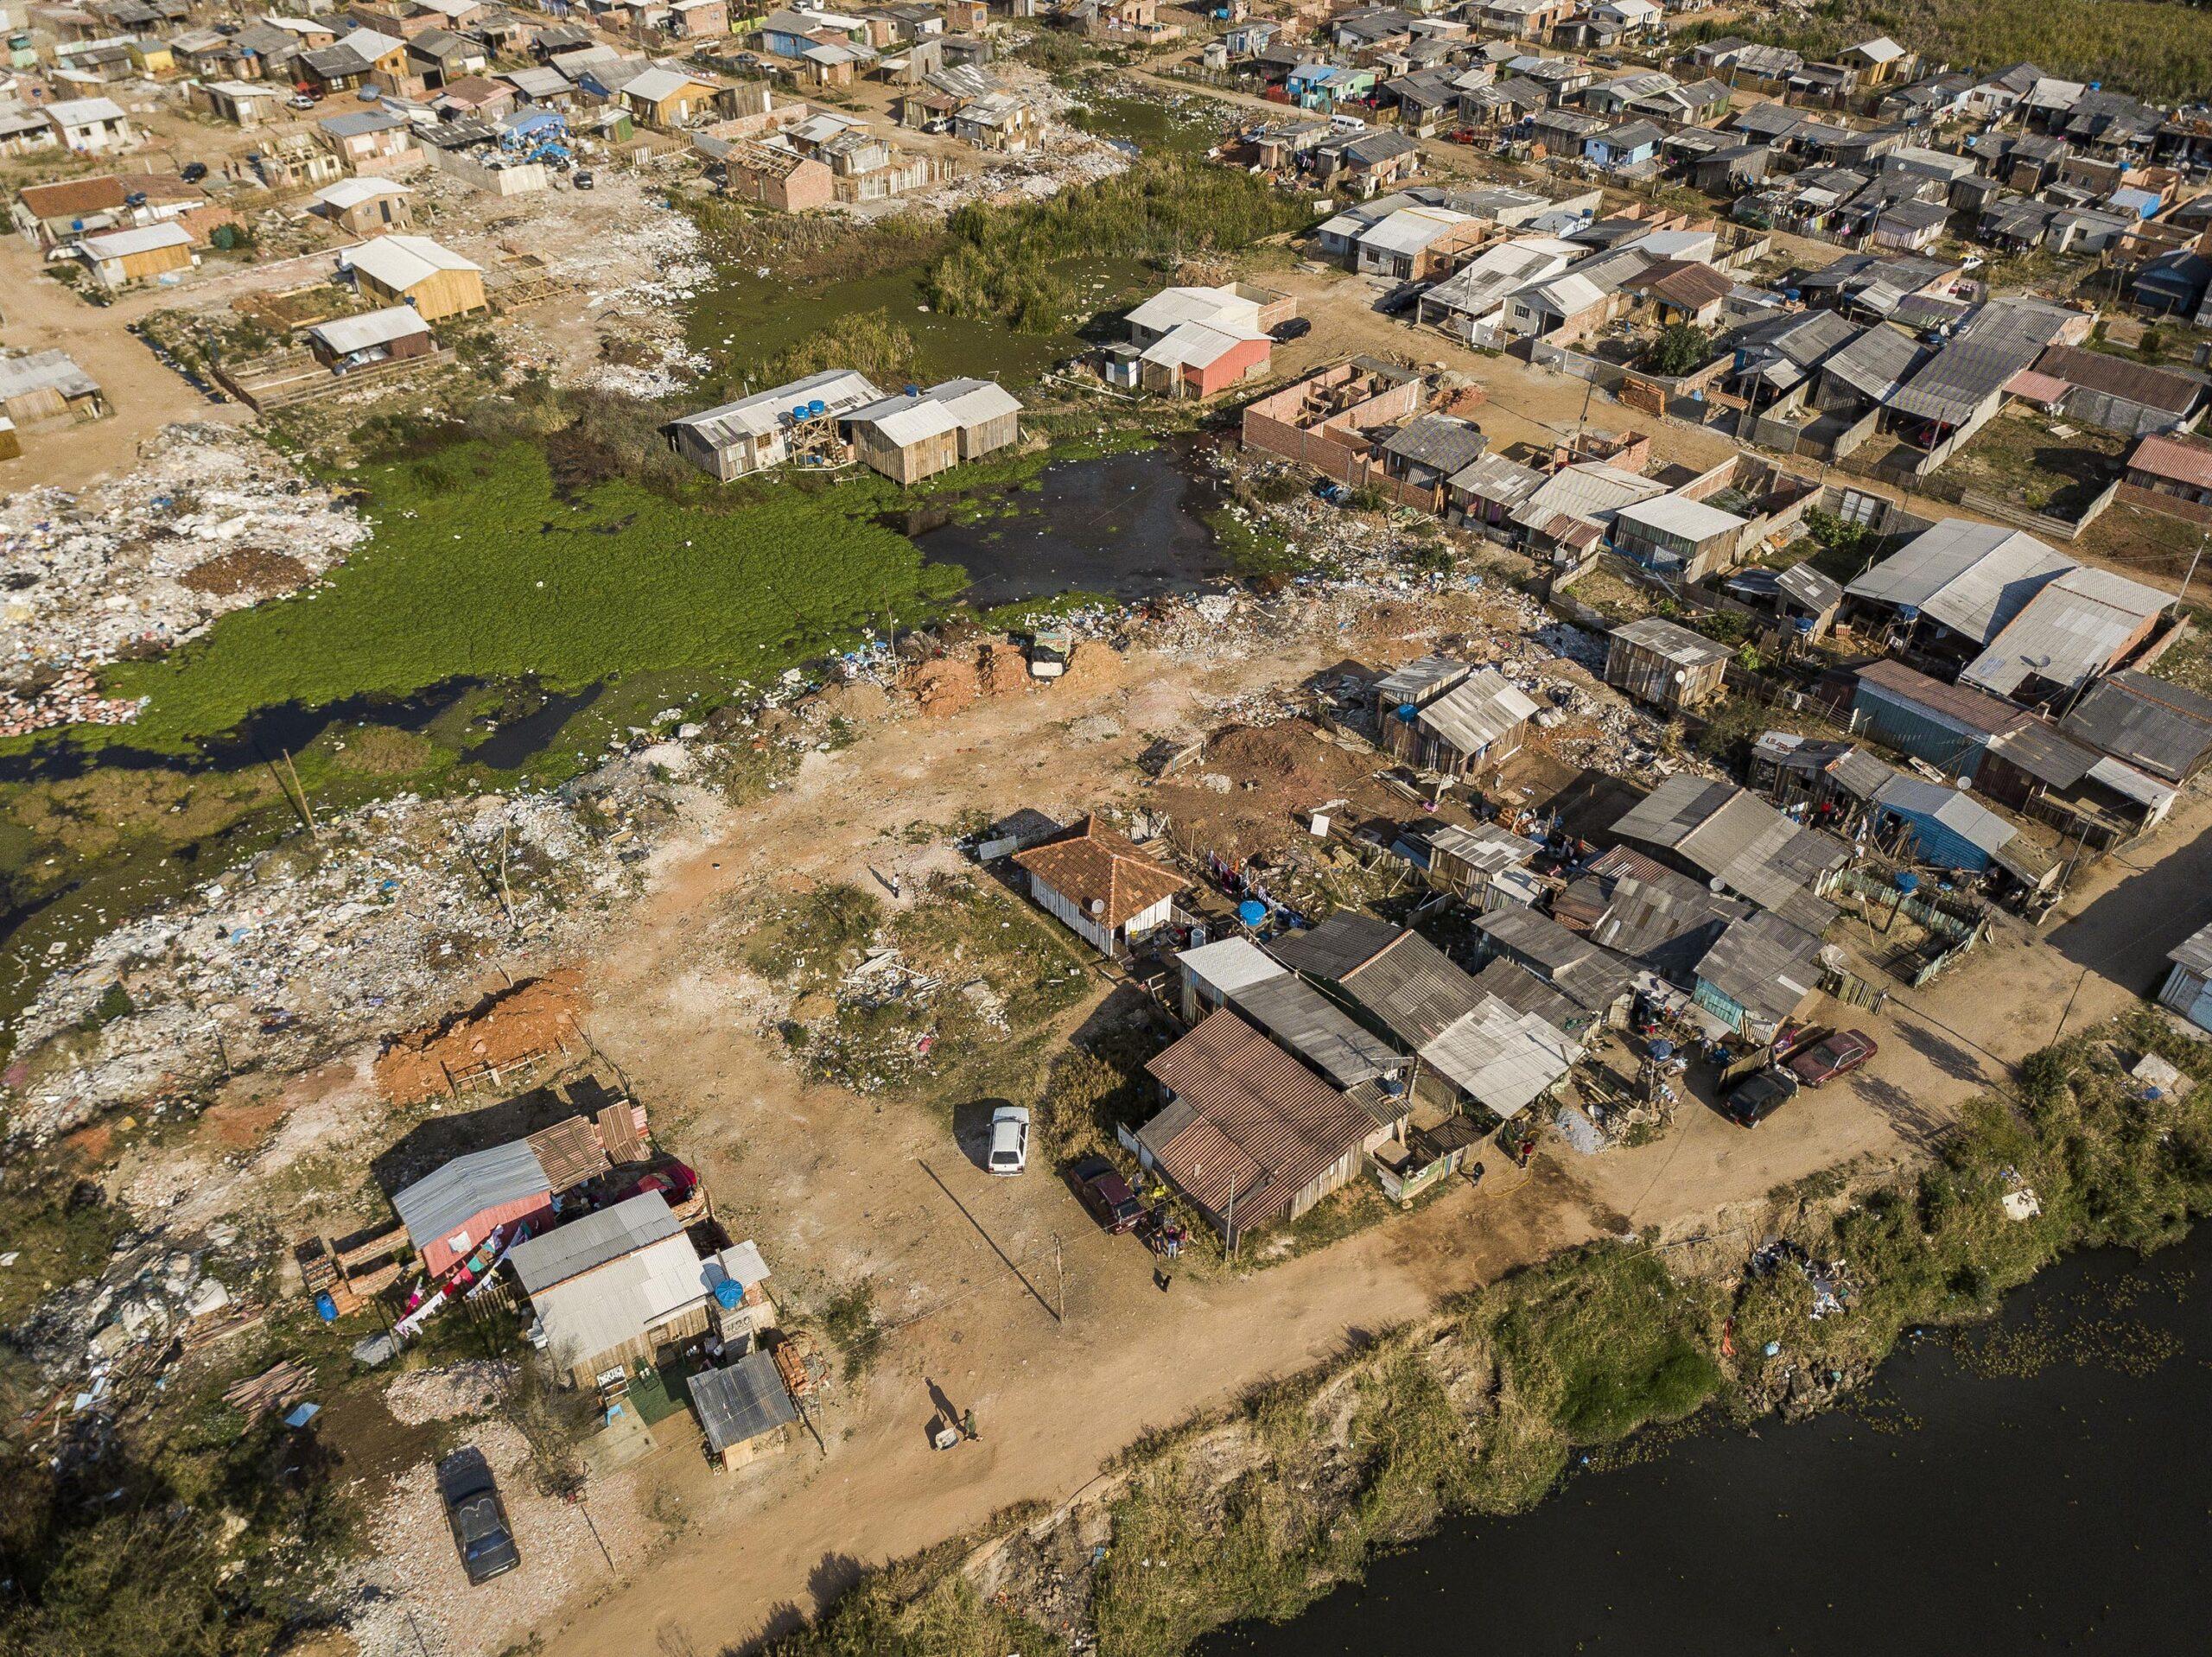 O Índice de Vulnerabilidade das Unidades Municipais de Saúde como estratégia de enfrentamento da COVID-19  na periferia de Curitiba